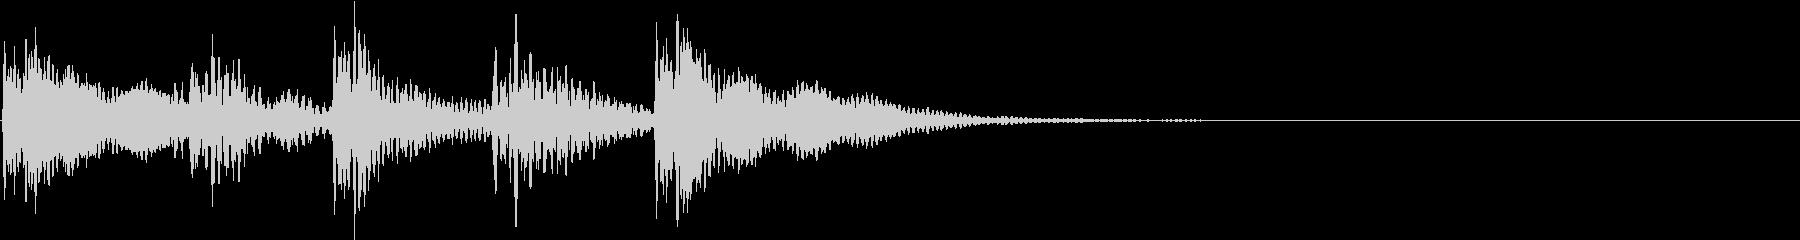 効果音|デン!ドン! [ミドル]の未再生の波形